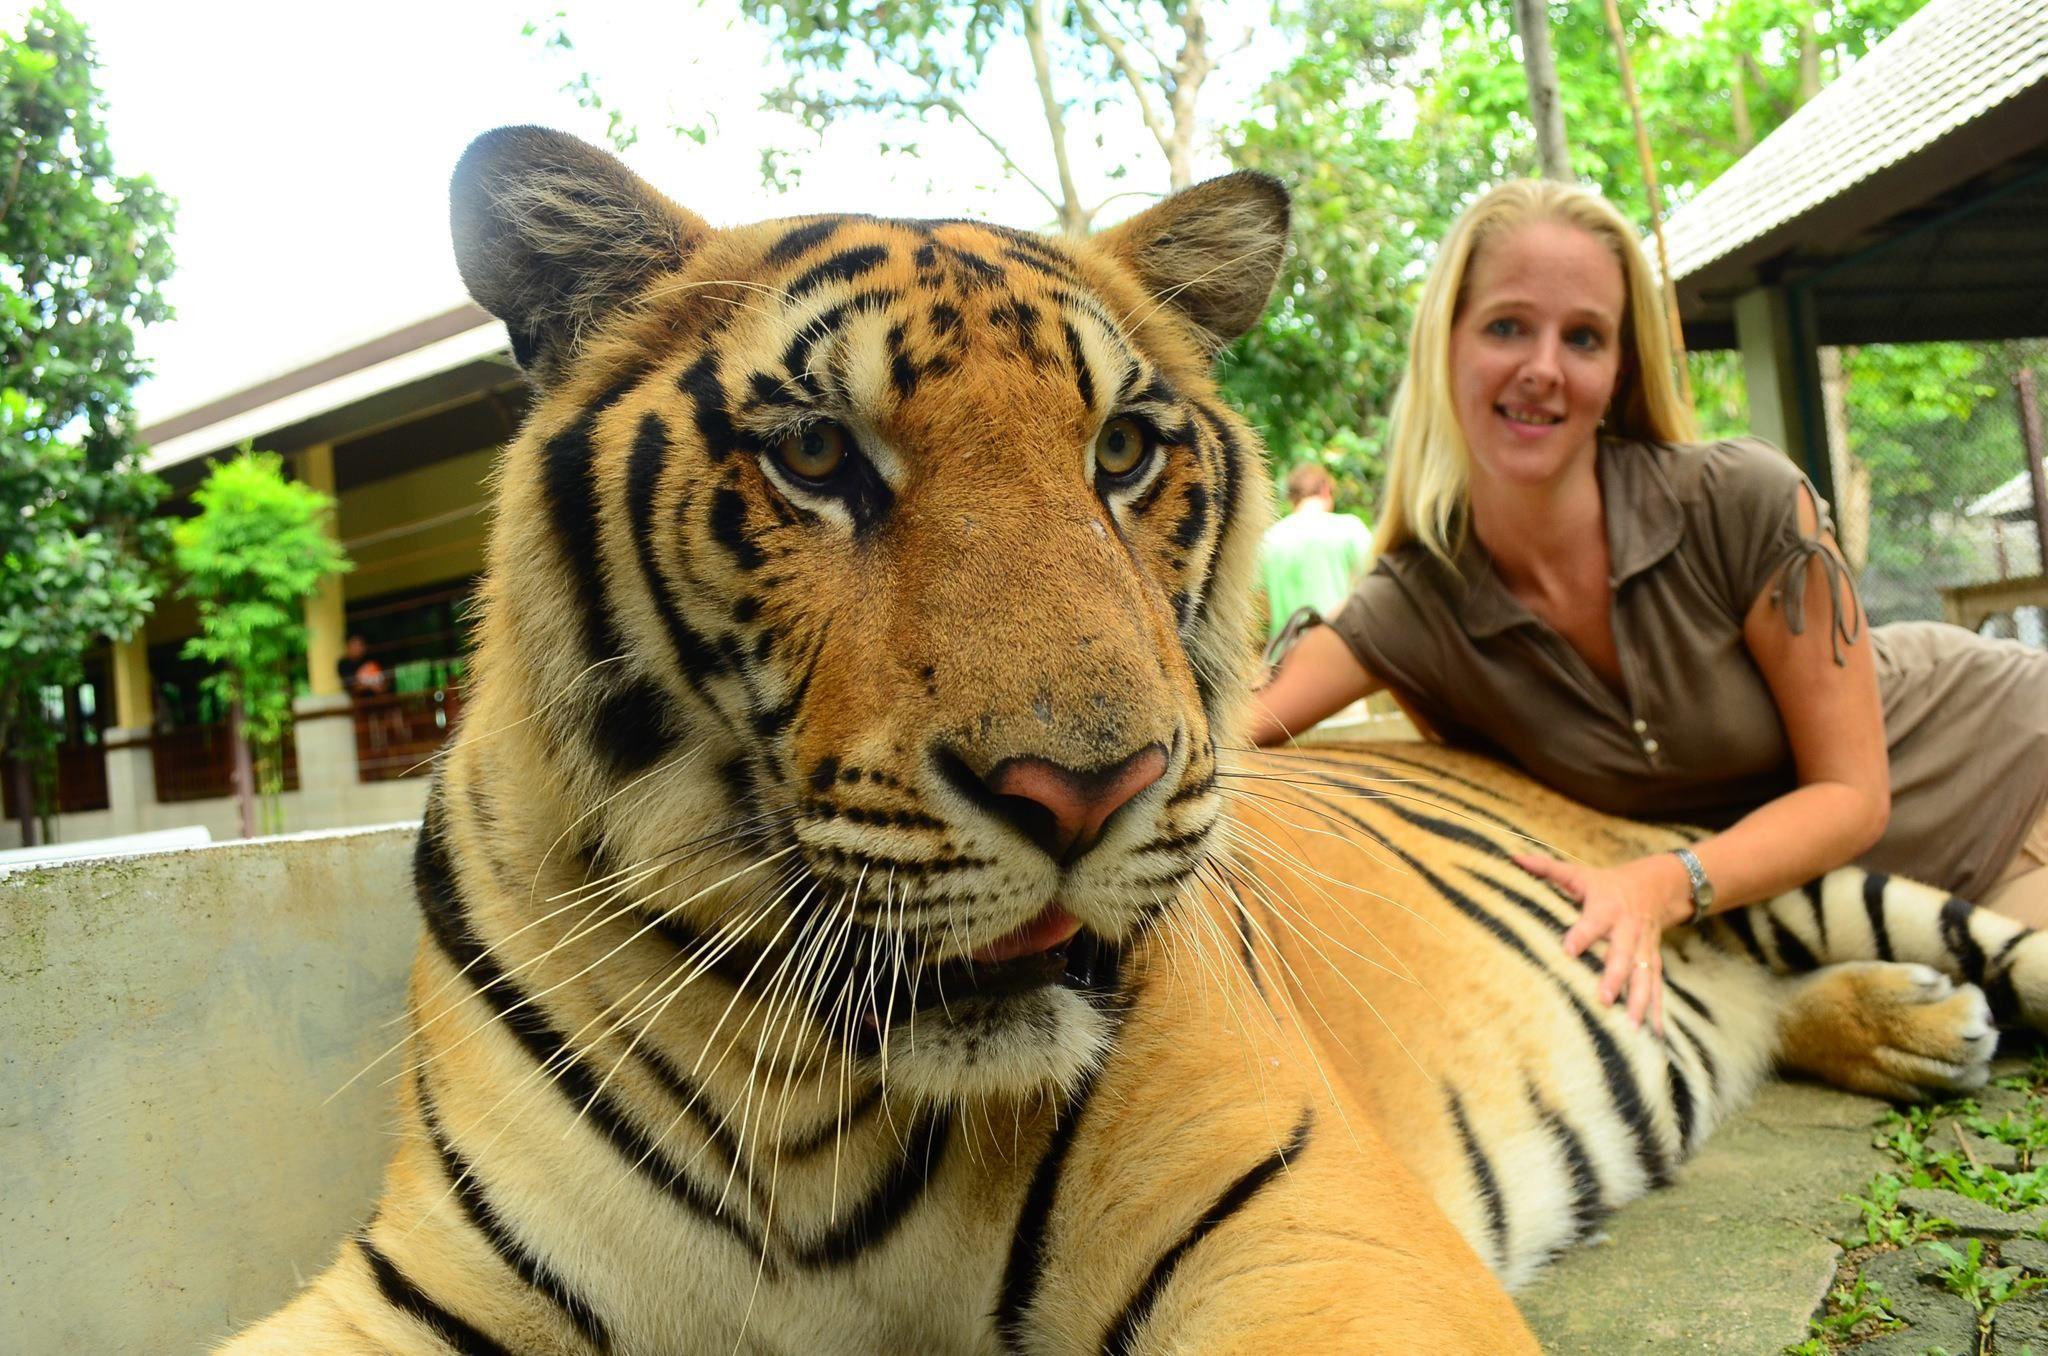 Tiger Stripes God ART!